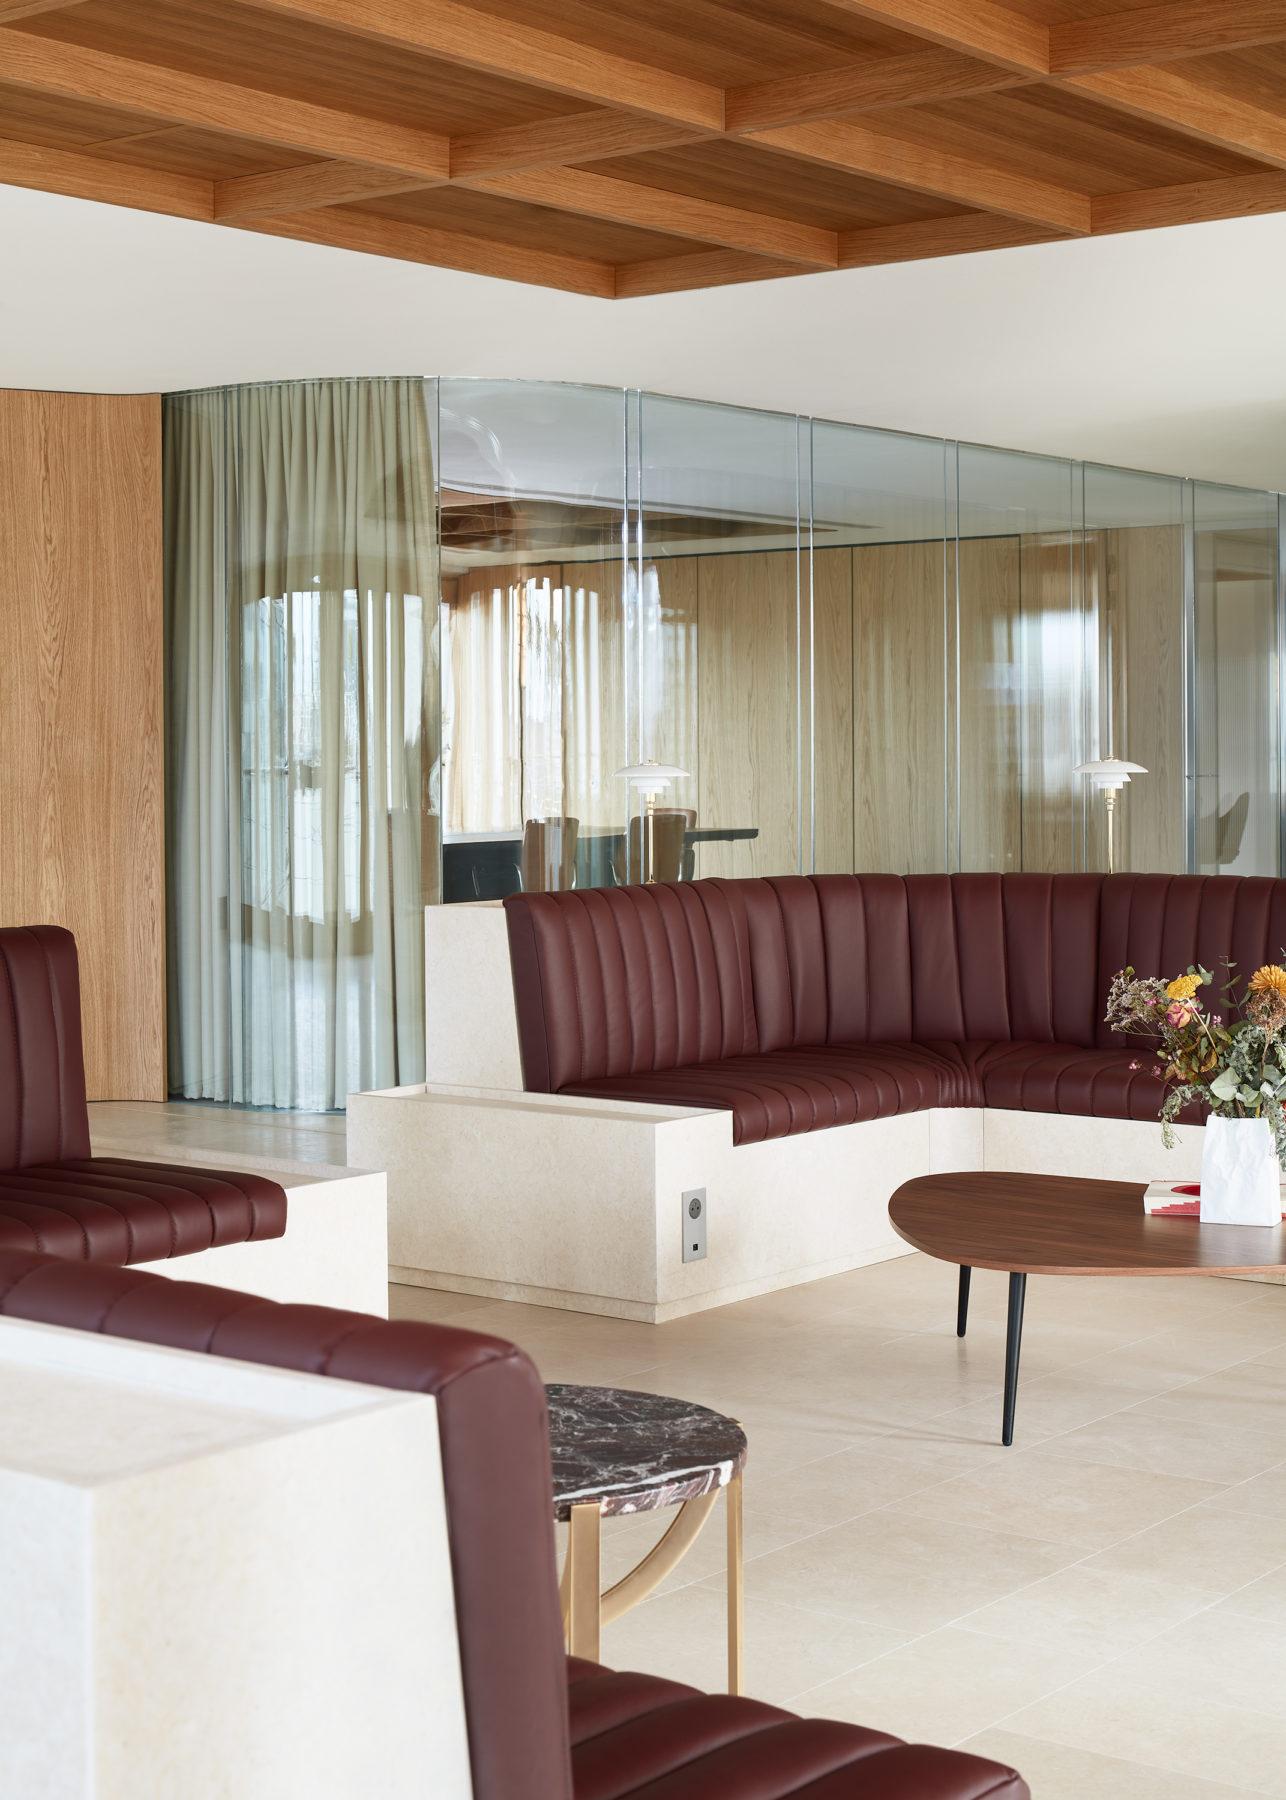 """Lounge bureaux - Banquette en pierre de Tala avec assises en cuir bordeaux, table basse """"Astra"""" en marbre par la Manufacture Patrick Norguet, cloison en verre bombé"""